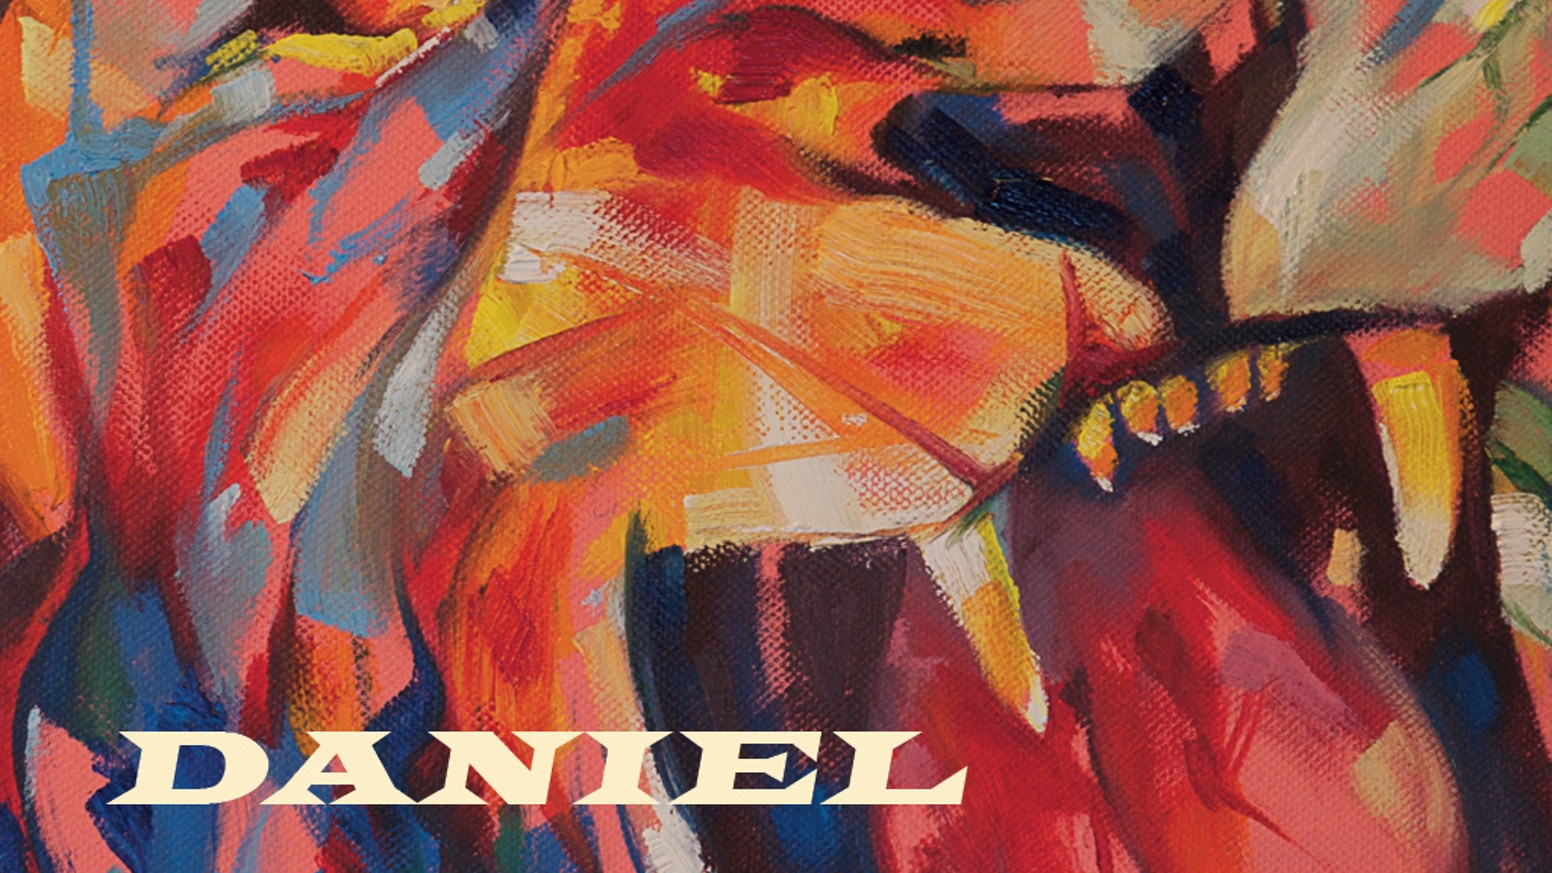 world premiere of daniel by dan montez community kickstarter